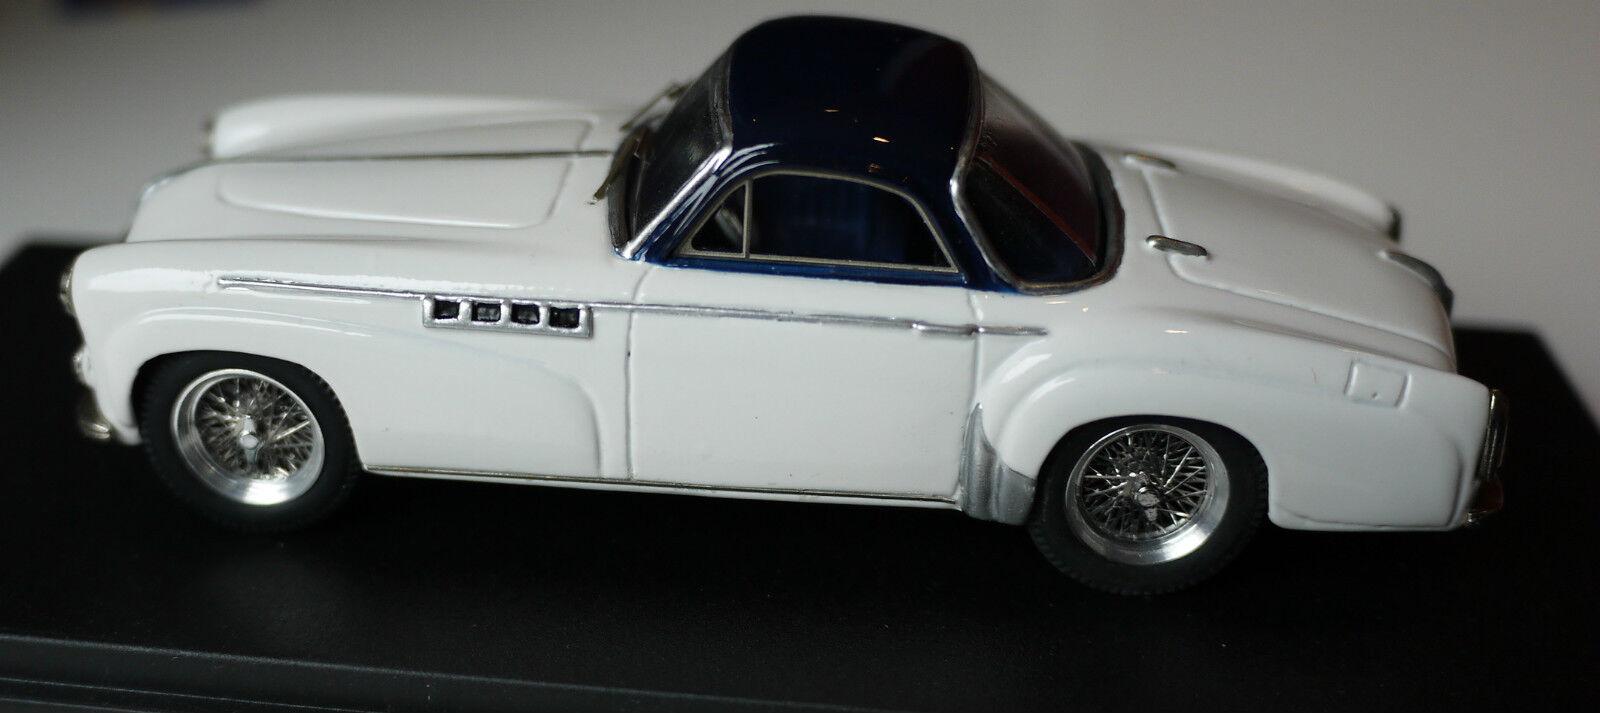 Kit pour miniature auto Epokit par CCC     Delahaye 235  coupé  réf 193 01e20d